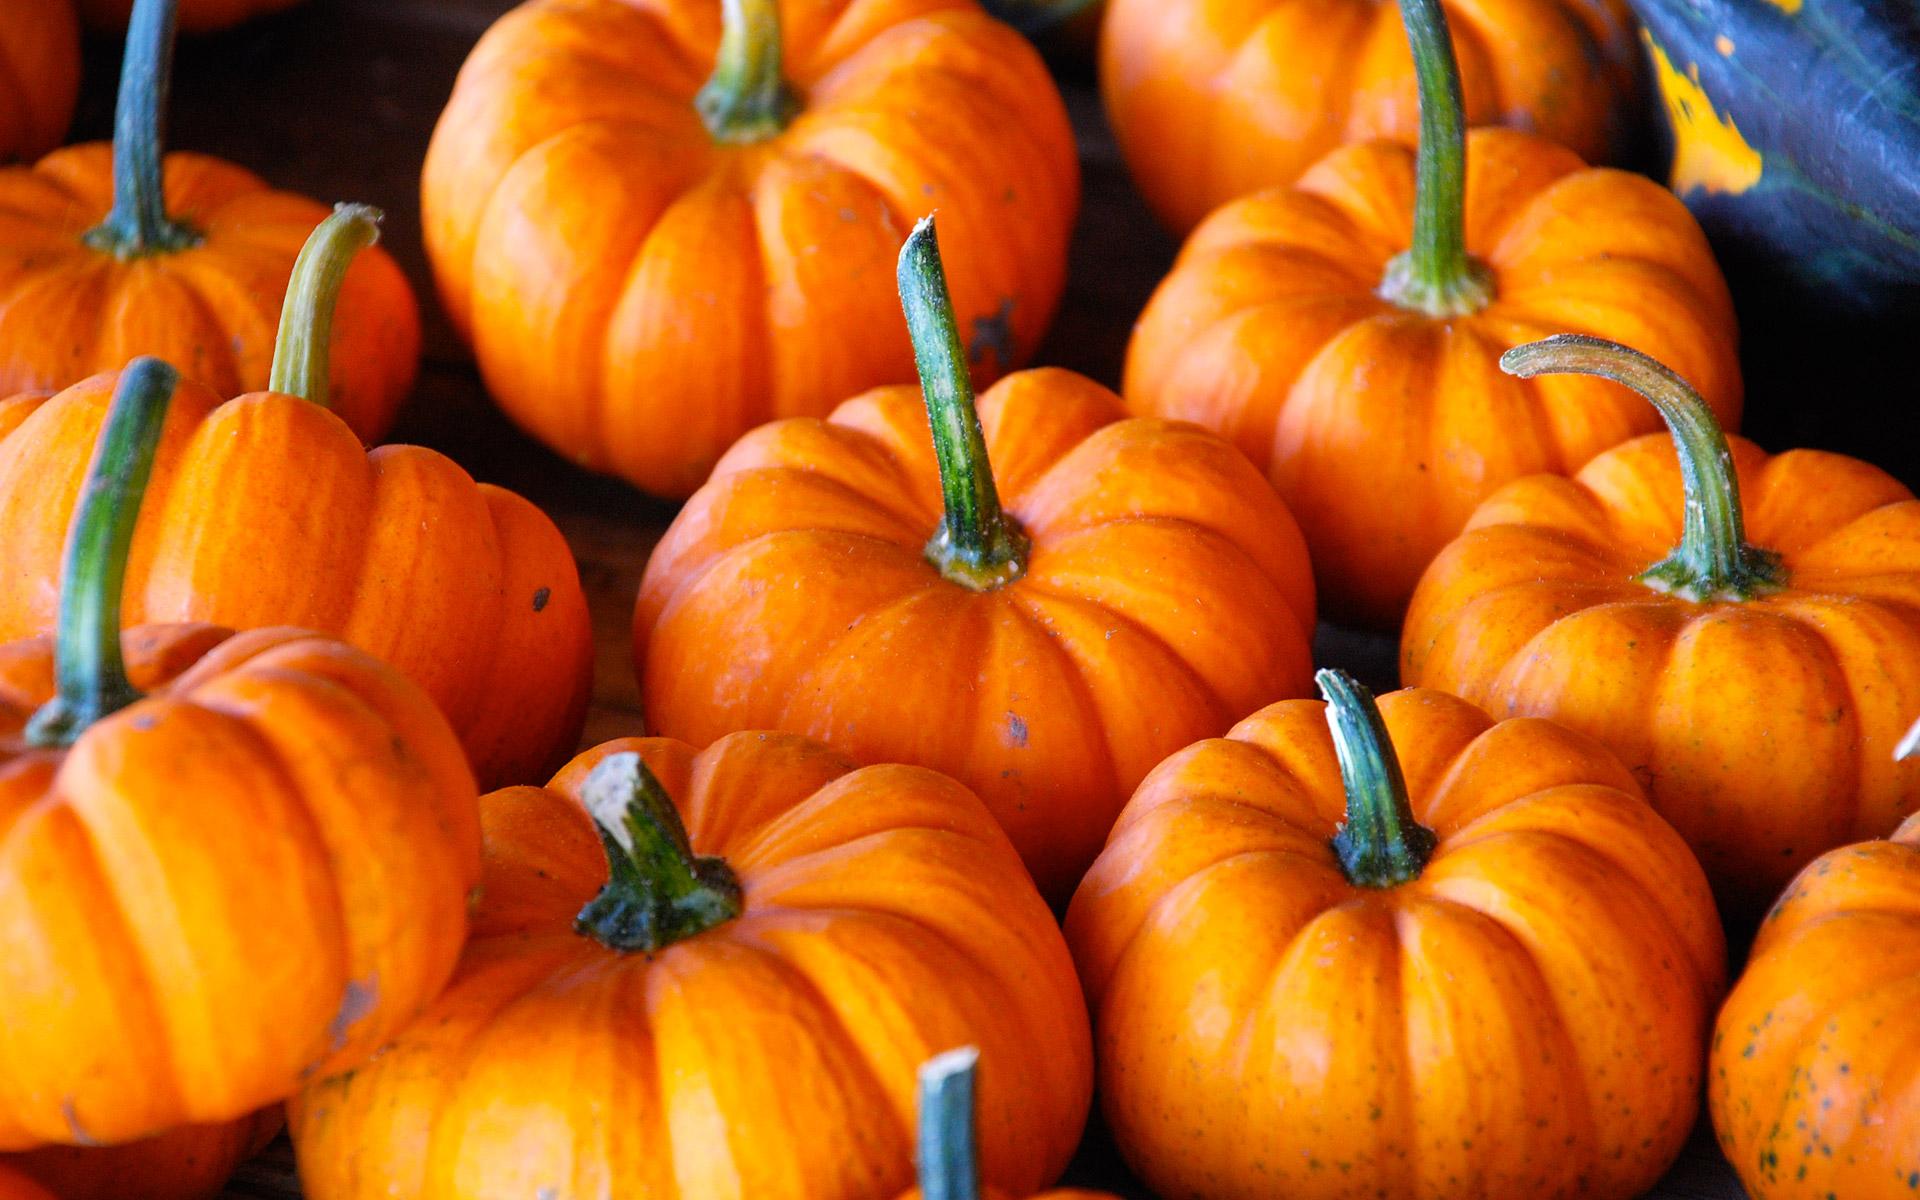 спелые оранжевые тыквы, скачать фото, обои для рабочего стола, хэллоин, осень